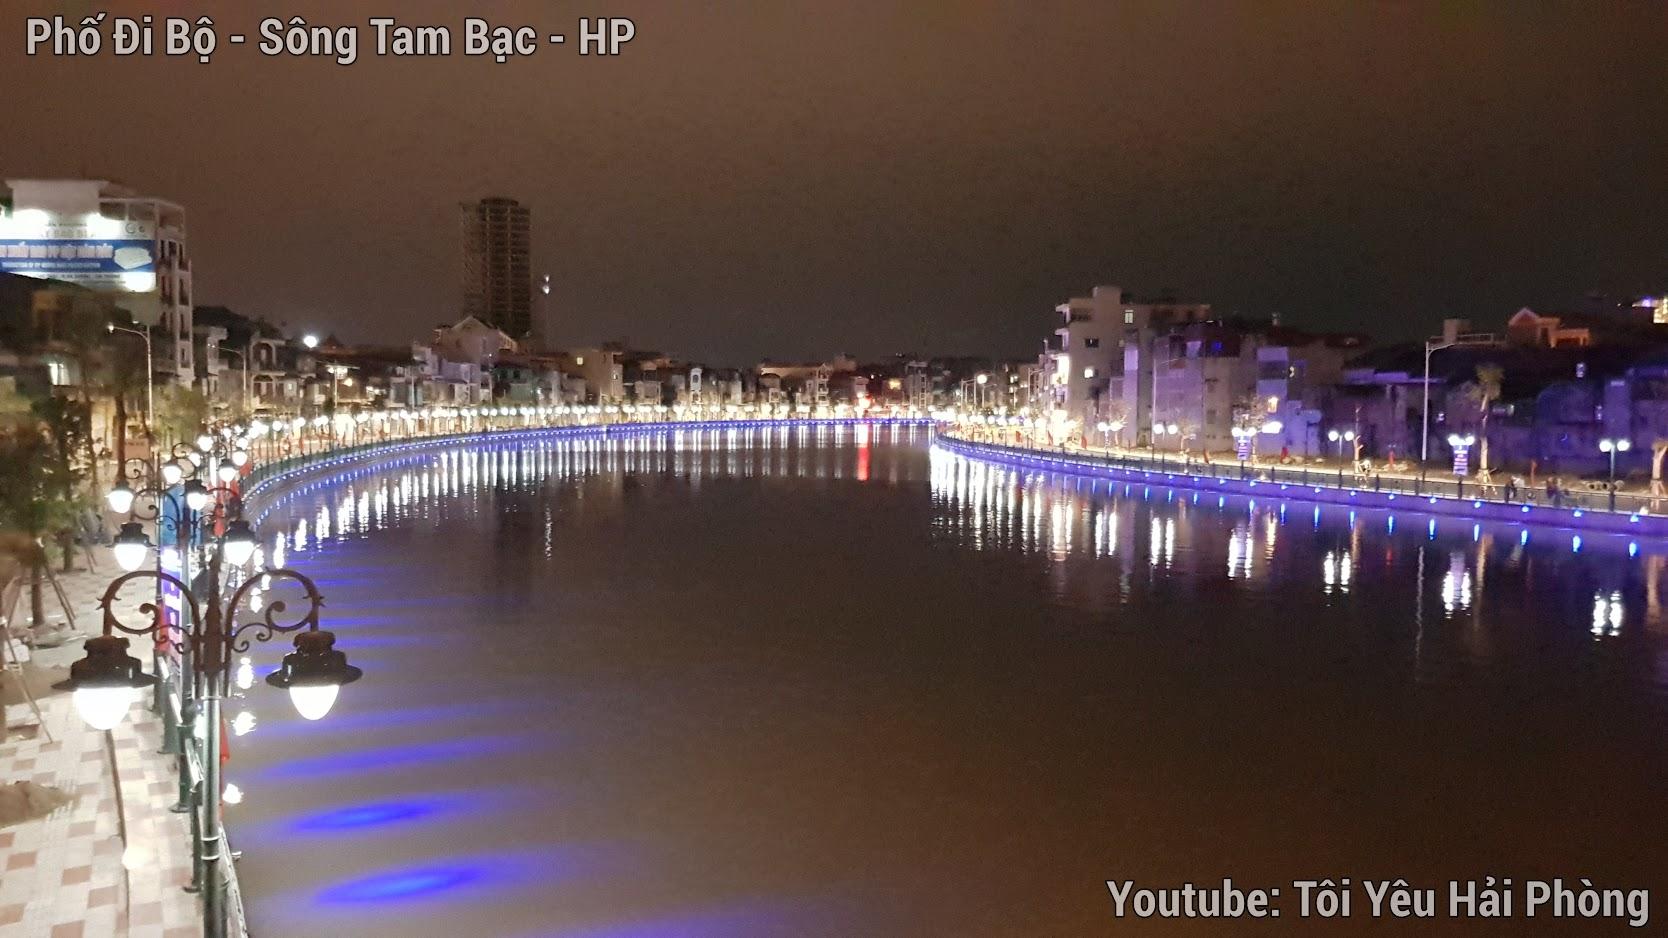 Buổi tối ở Phố Đi Bộ bên sông Tam Bạc ở Hải Phòng 6